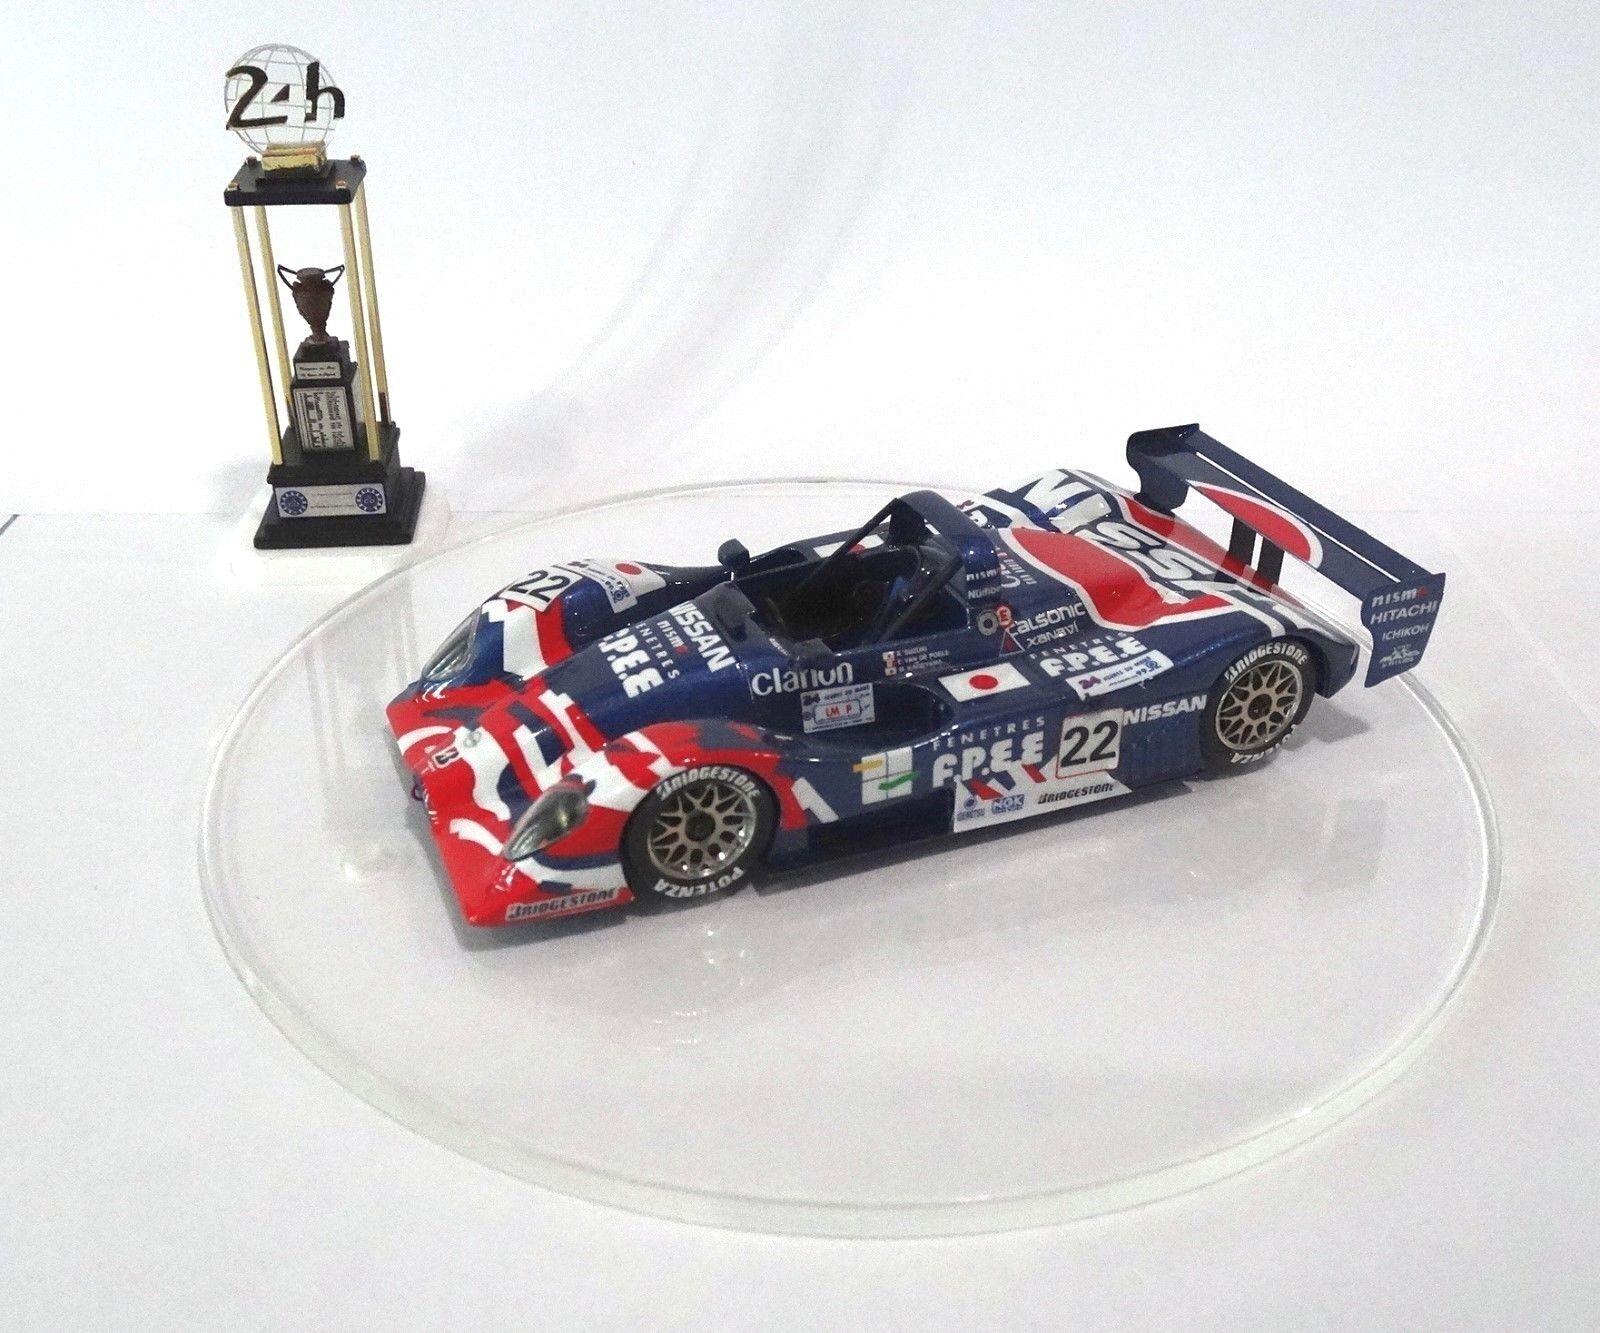 NISSAN R391  22 Le Mans 1999 Built Monté Kit 1/43 no spark MINICHAMPS